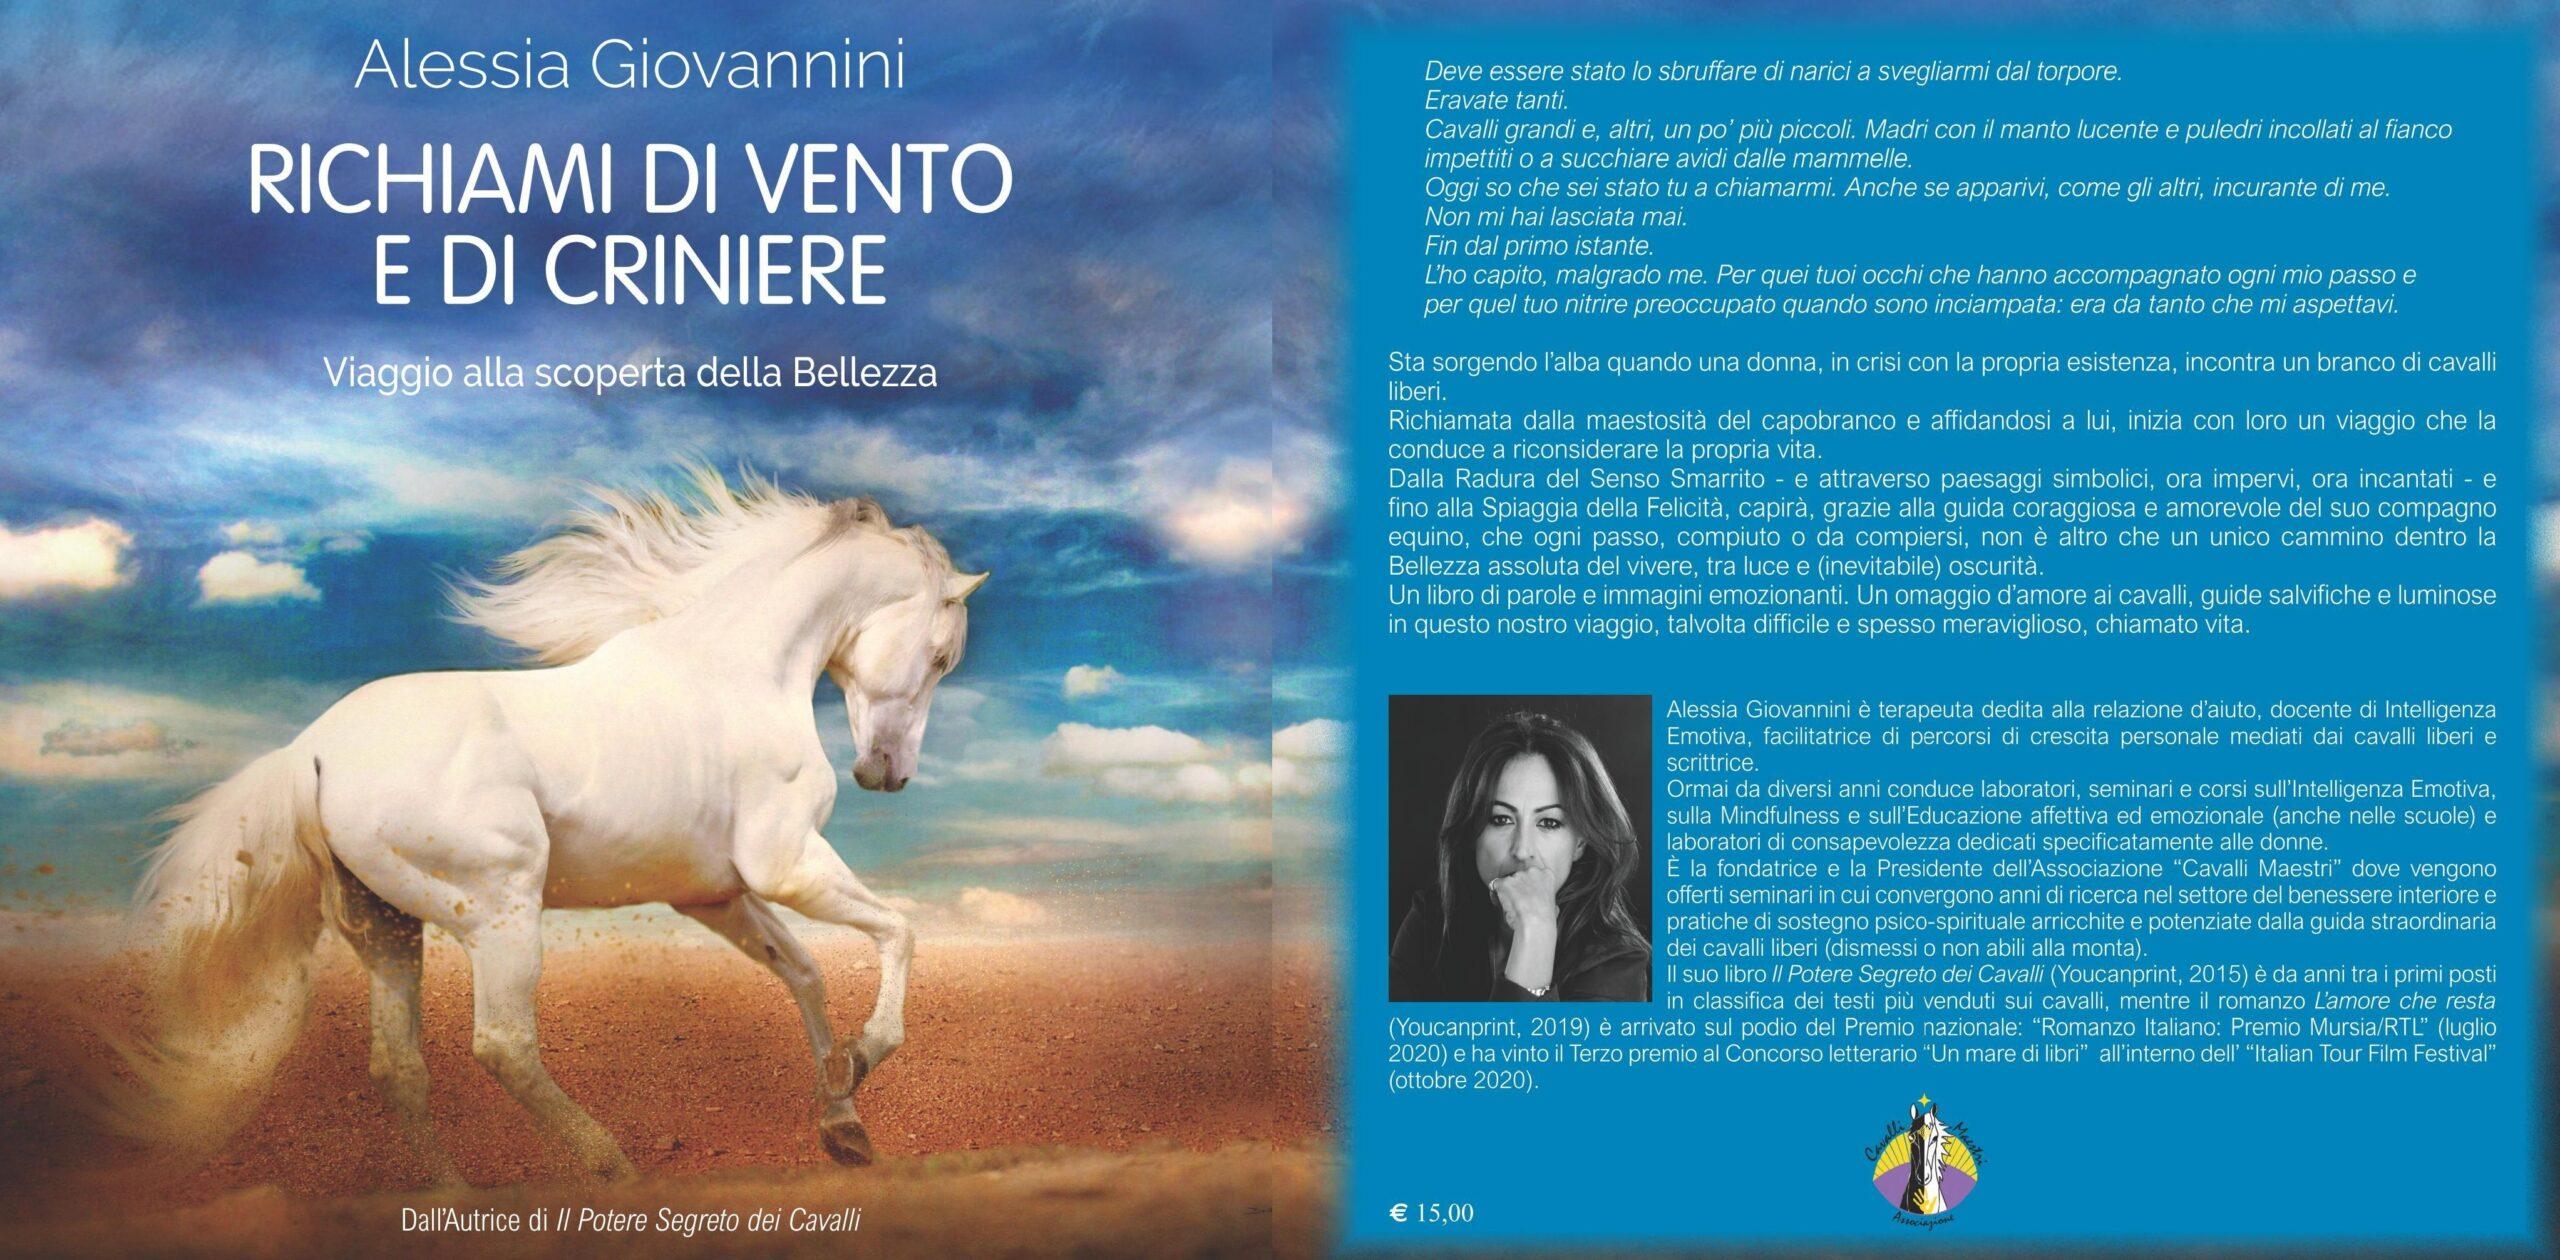 """""""Richiami di vento e di criniere"""", il nuovo libro di Alessia Giovannini"""